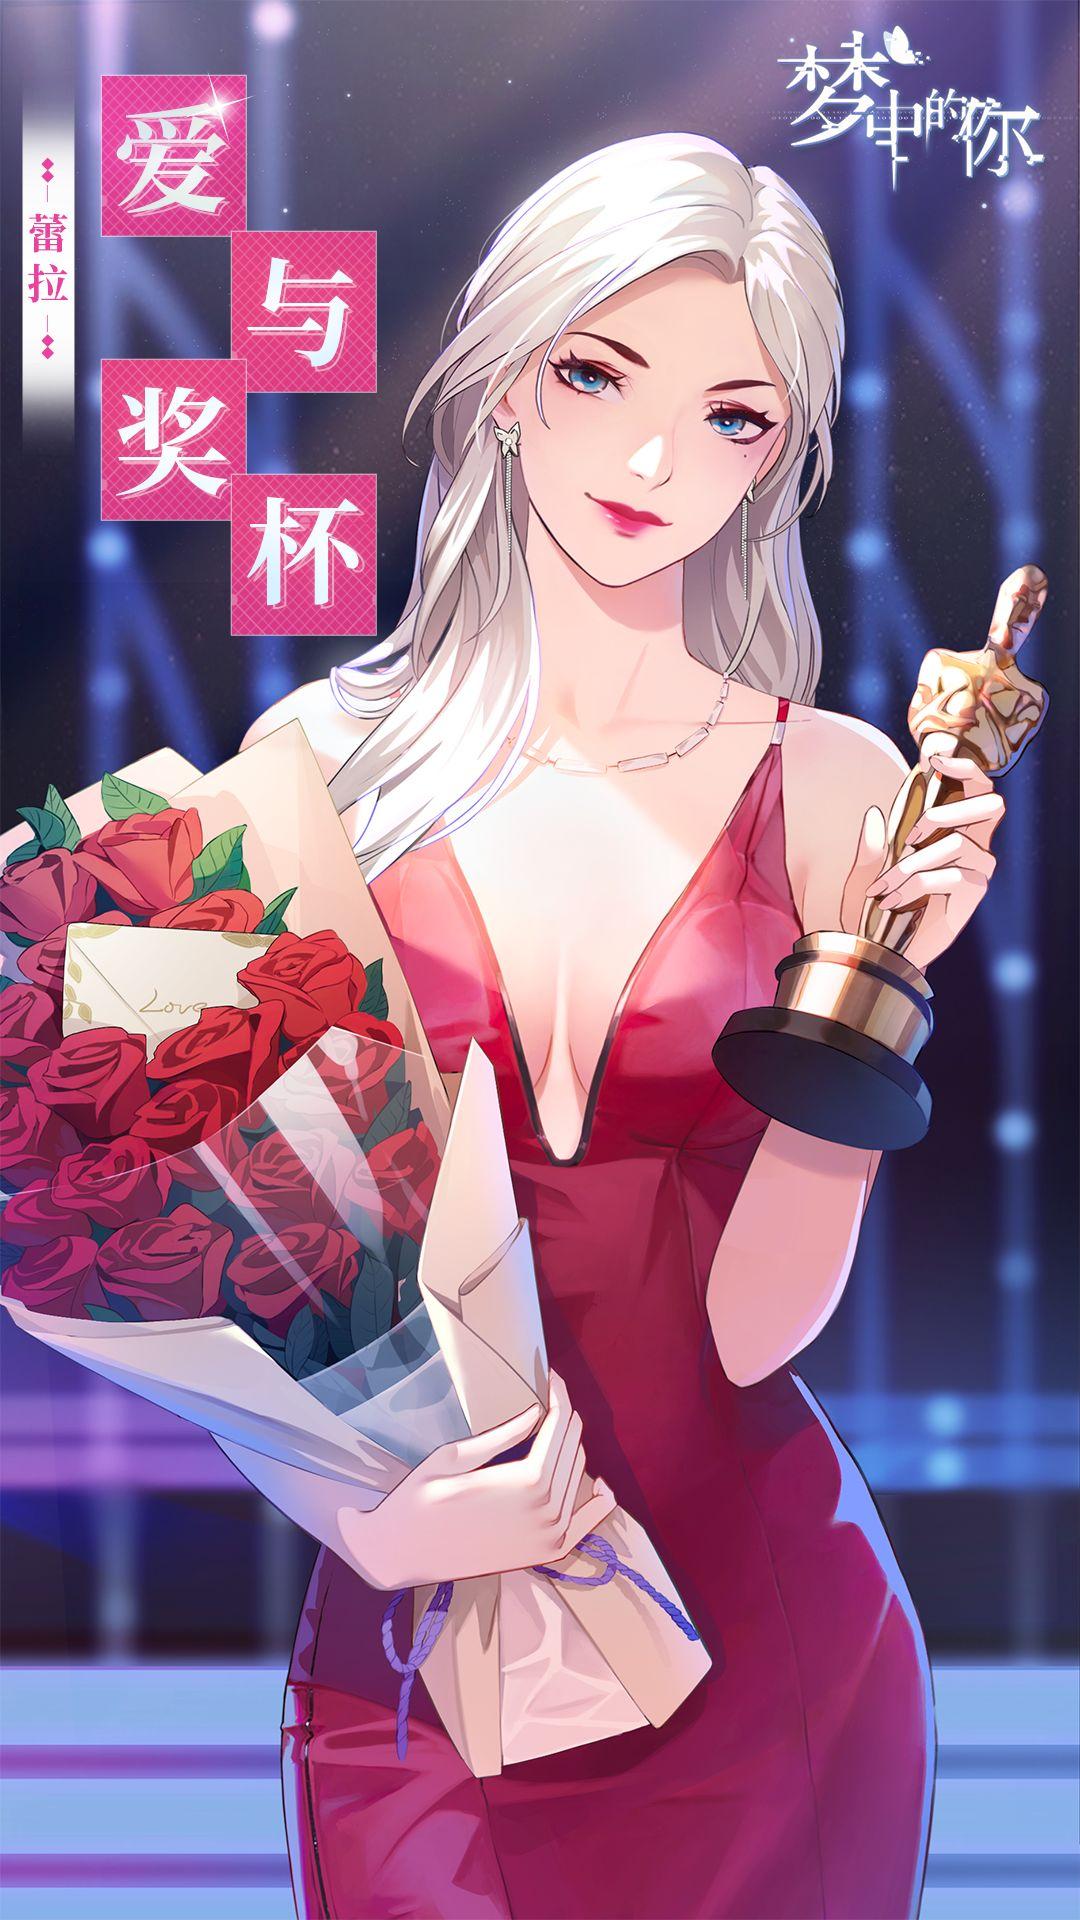 【第二季】蕾拉「爱与奖杯」